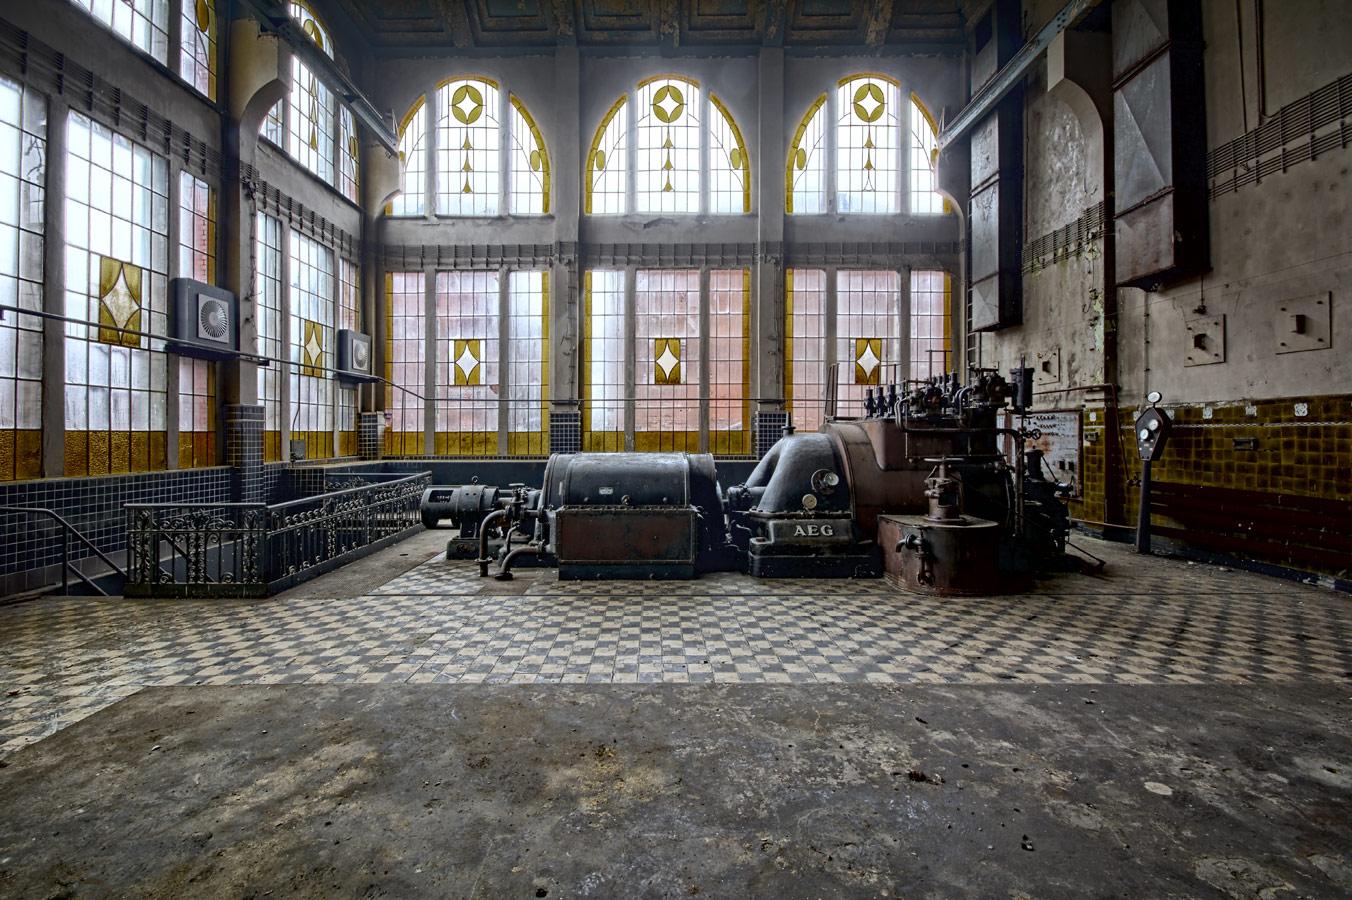 © Мариан Наворски, 7-е место, Фотоконкурс «Вики любит памятники» — Wiki Loves Monuments